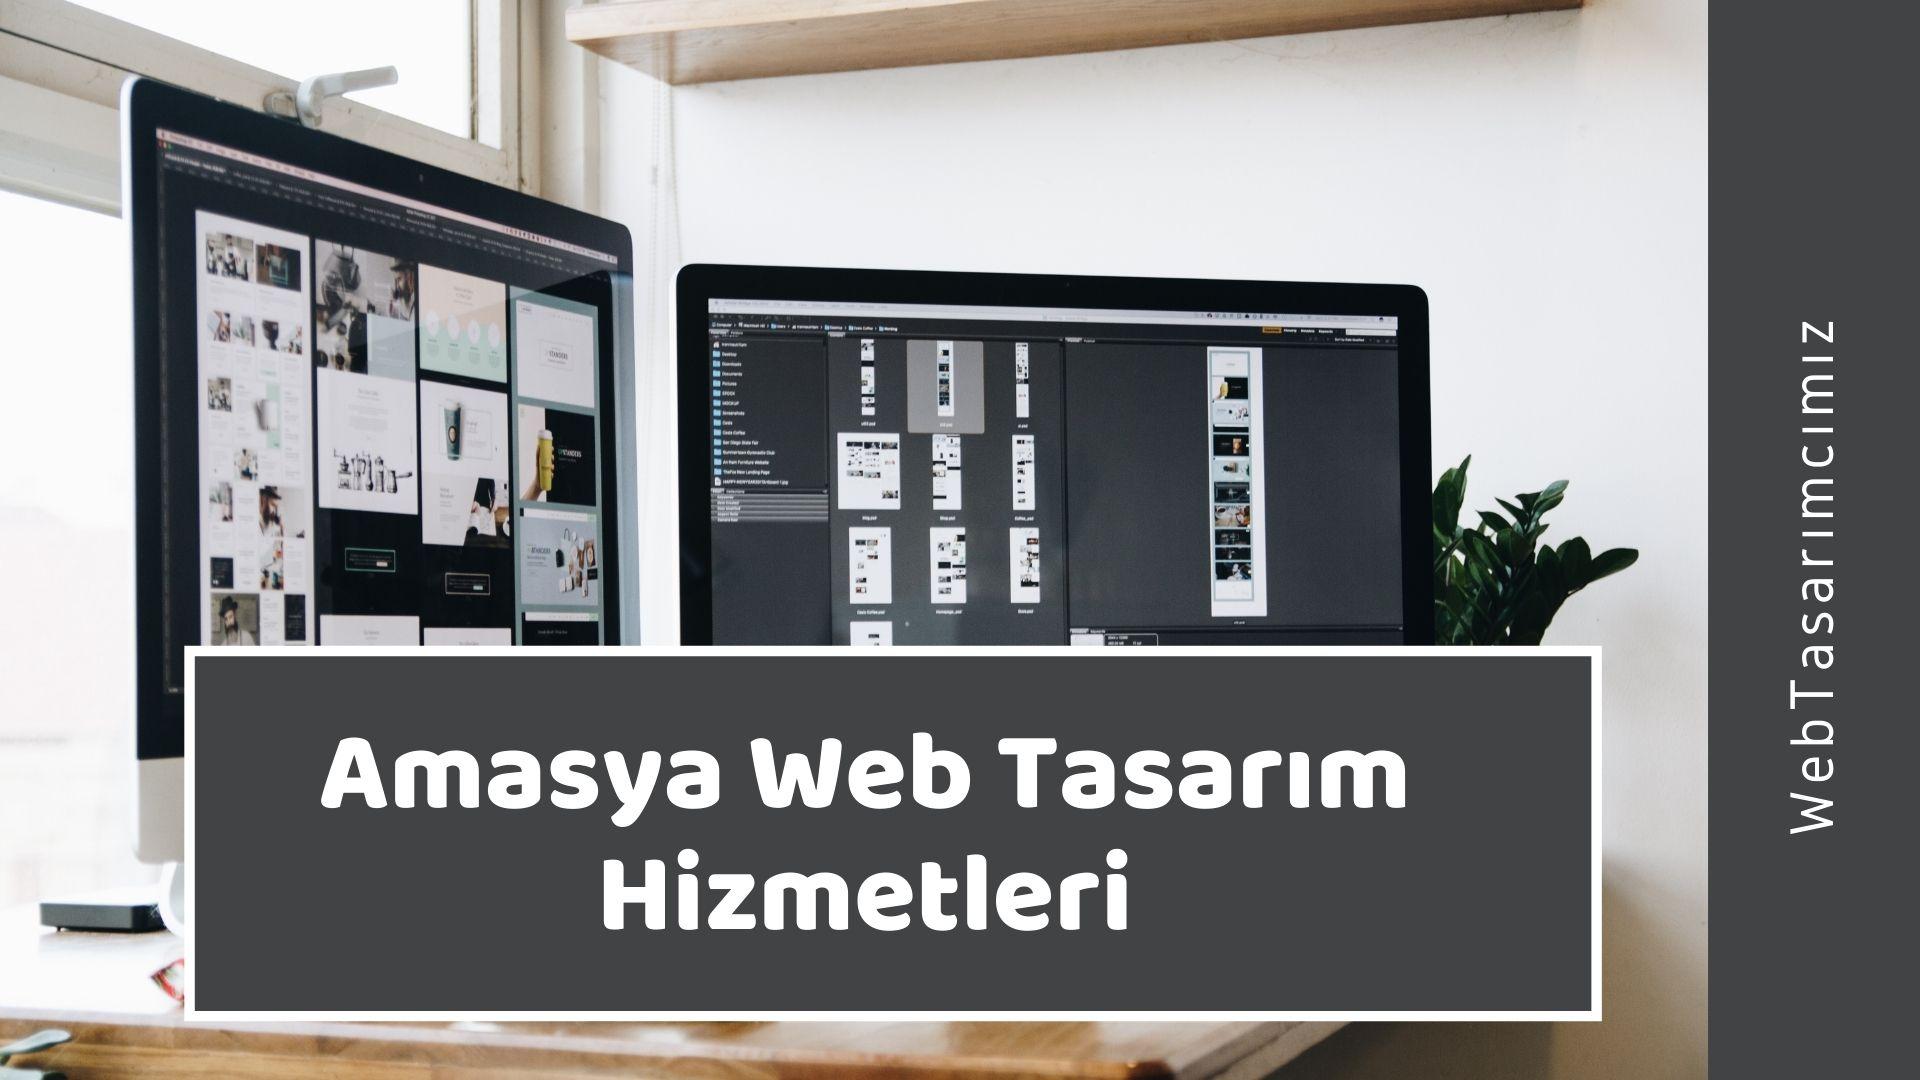 Amasya Web Tasarım Hizmetleri